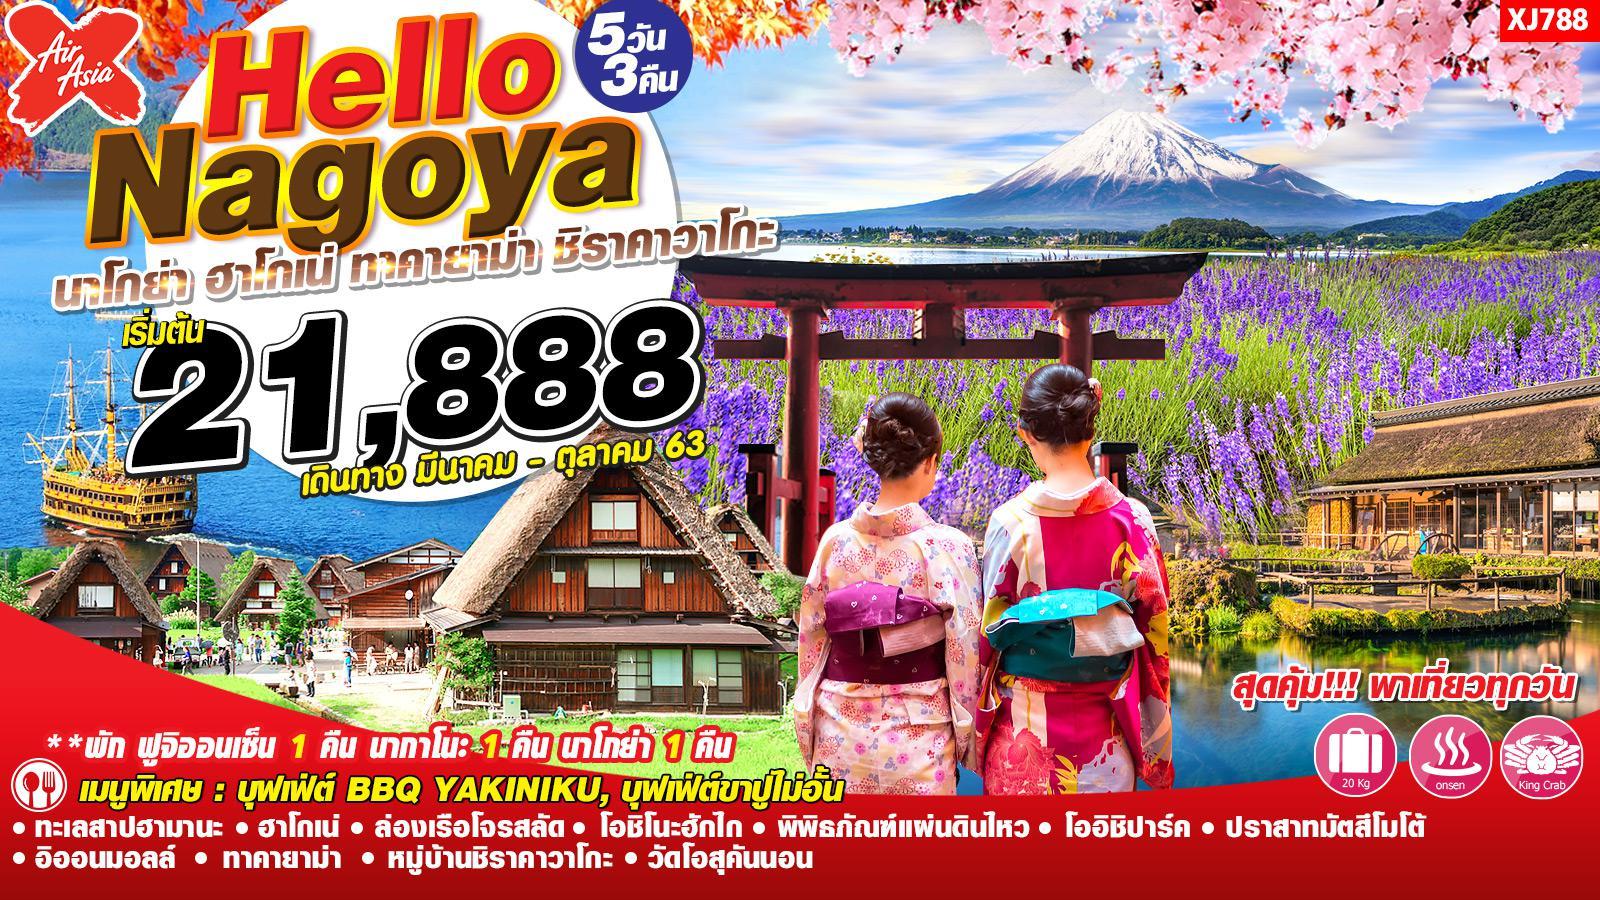 ทัวร์ญี่ปุ่น Hello Nagoya นาโกย่า ฮาโกเน่ ทาคายาม่า ชิราคาวาโกะ 5D3N